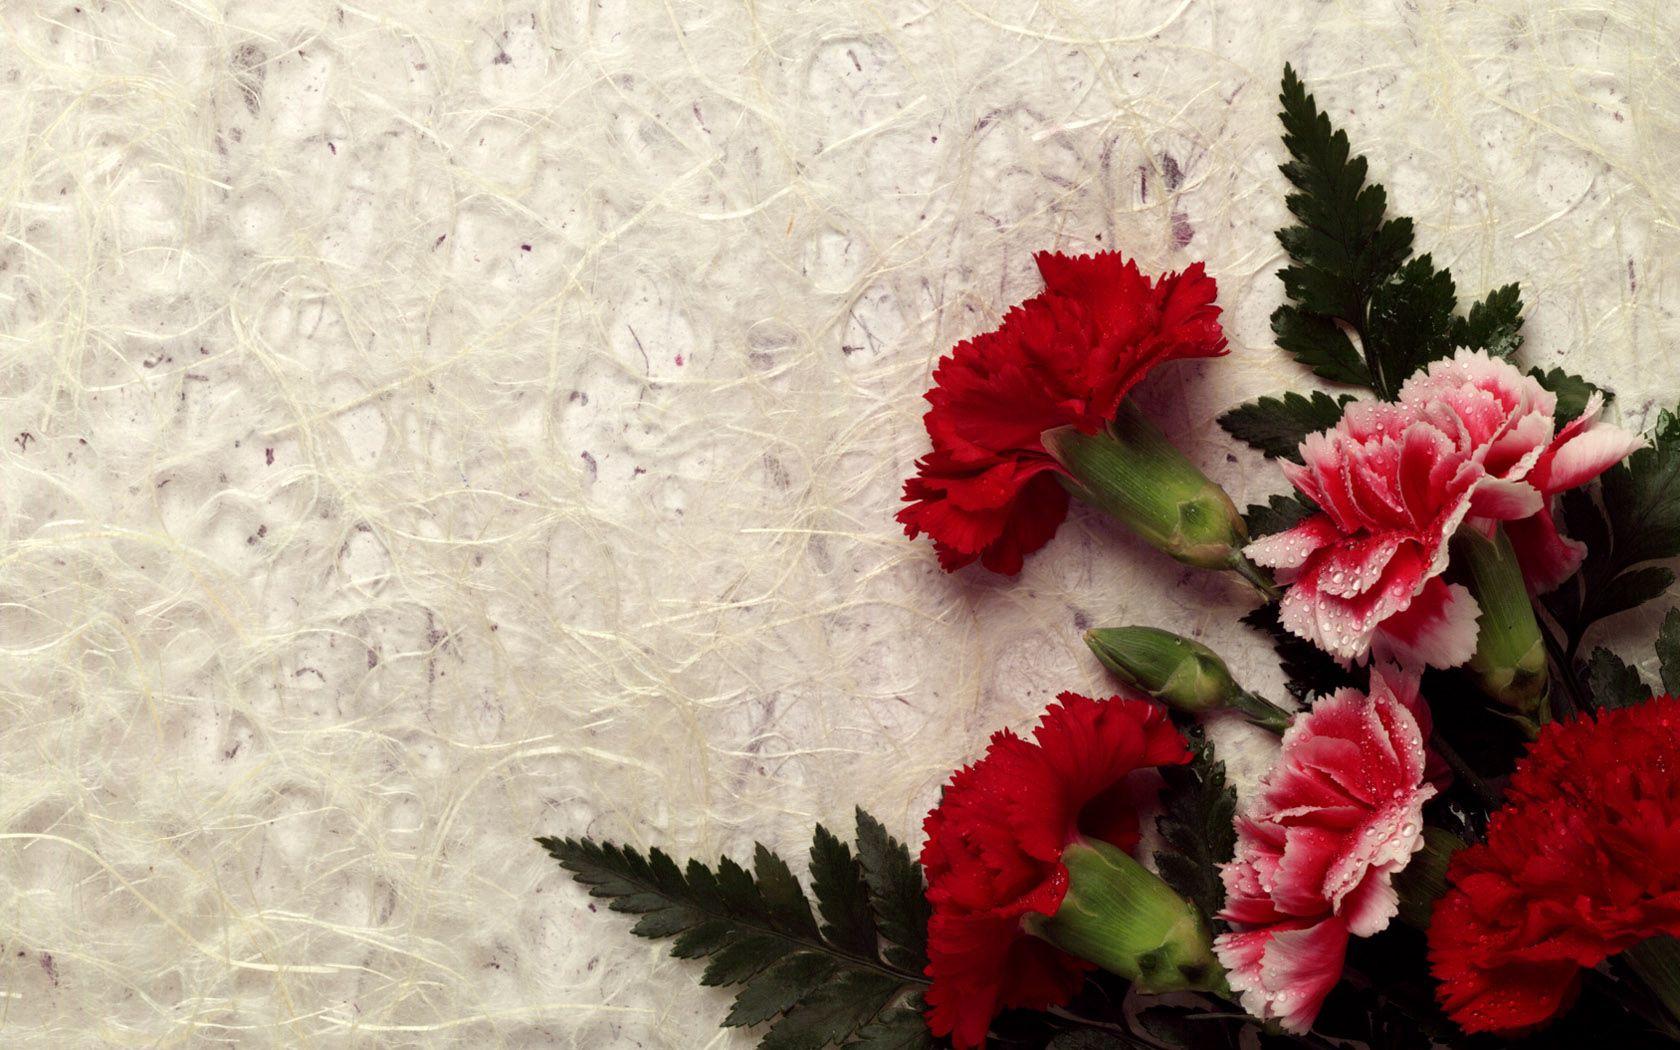 73953 Заставки и Обои Гвоздики на телефон. Скачать Цветы, Листья, Капли, Гвоздики, Букет, Свежесть картинки бесплатно